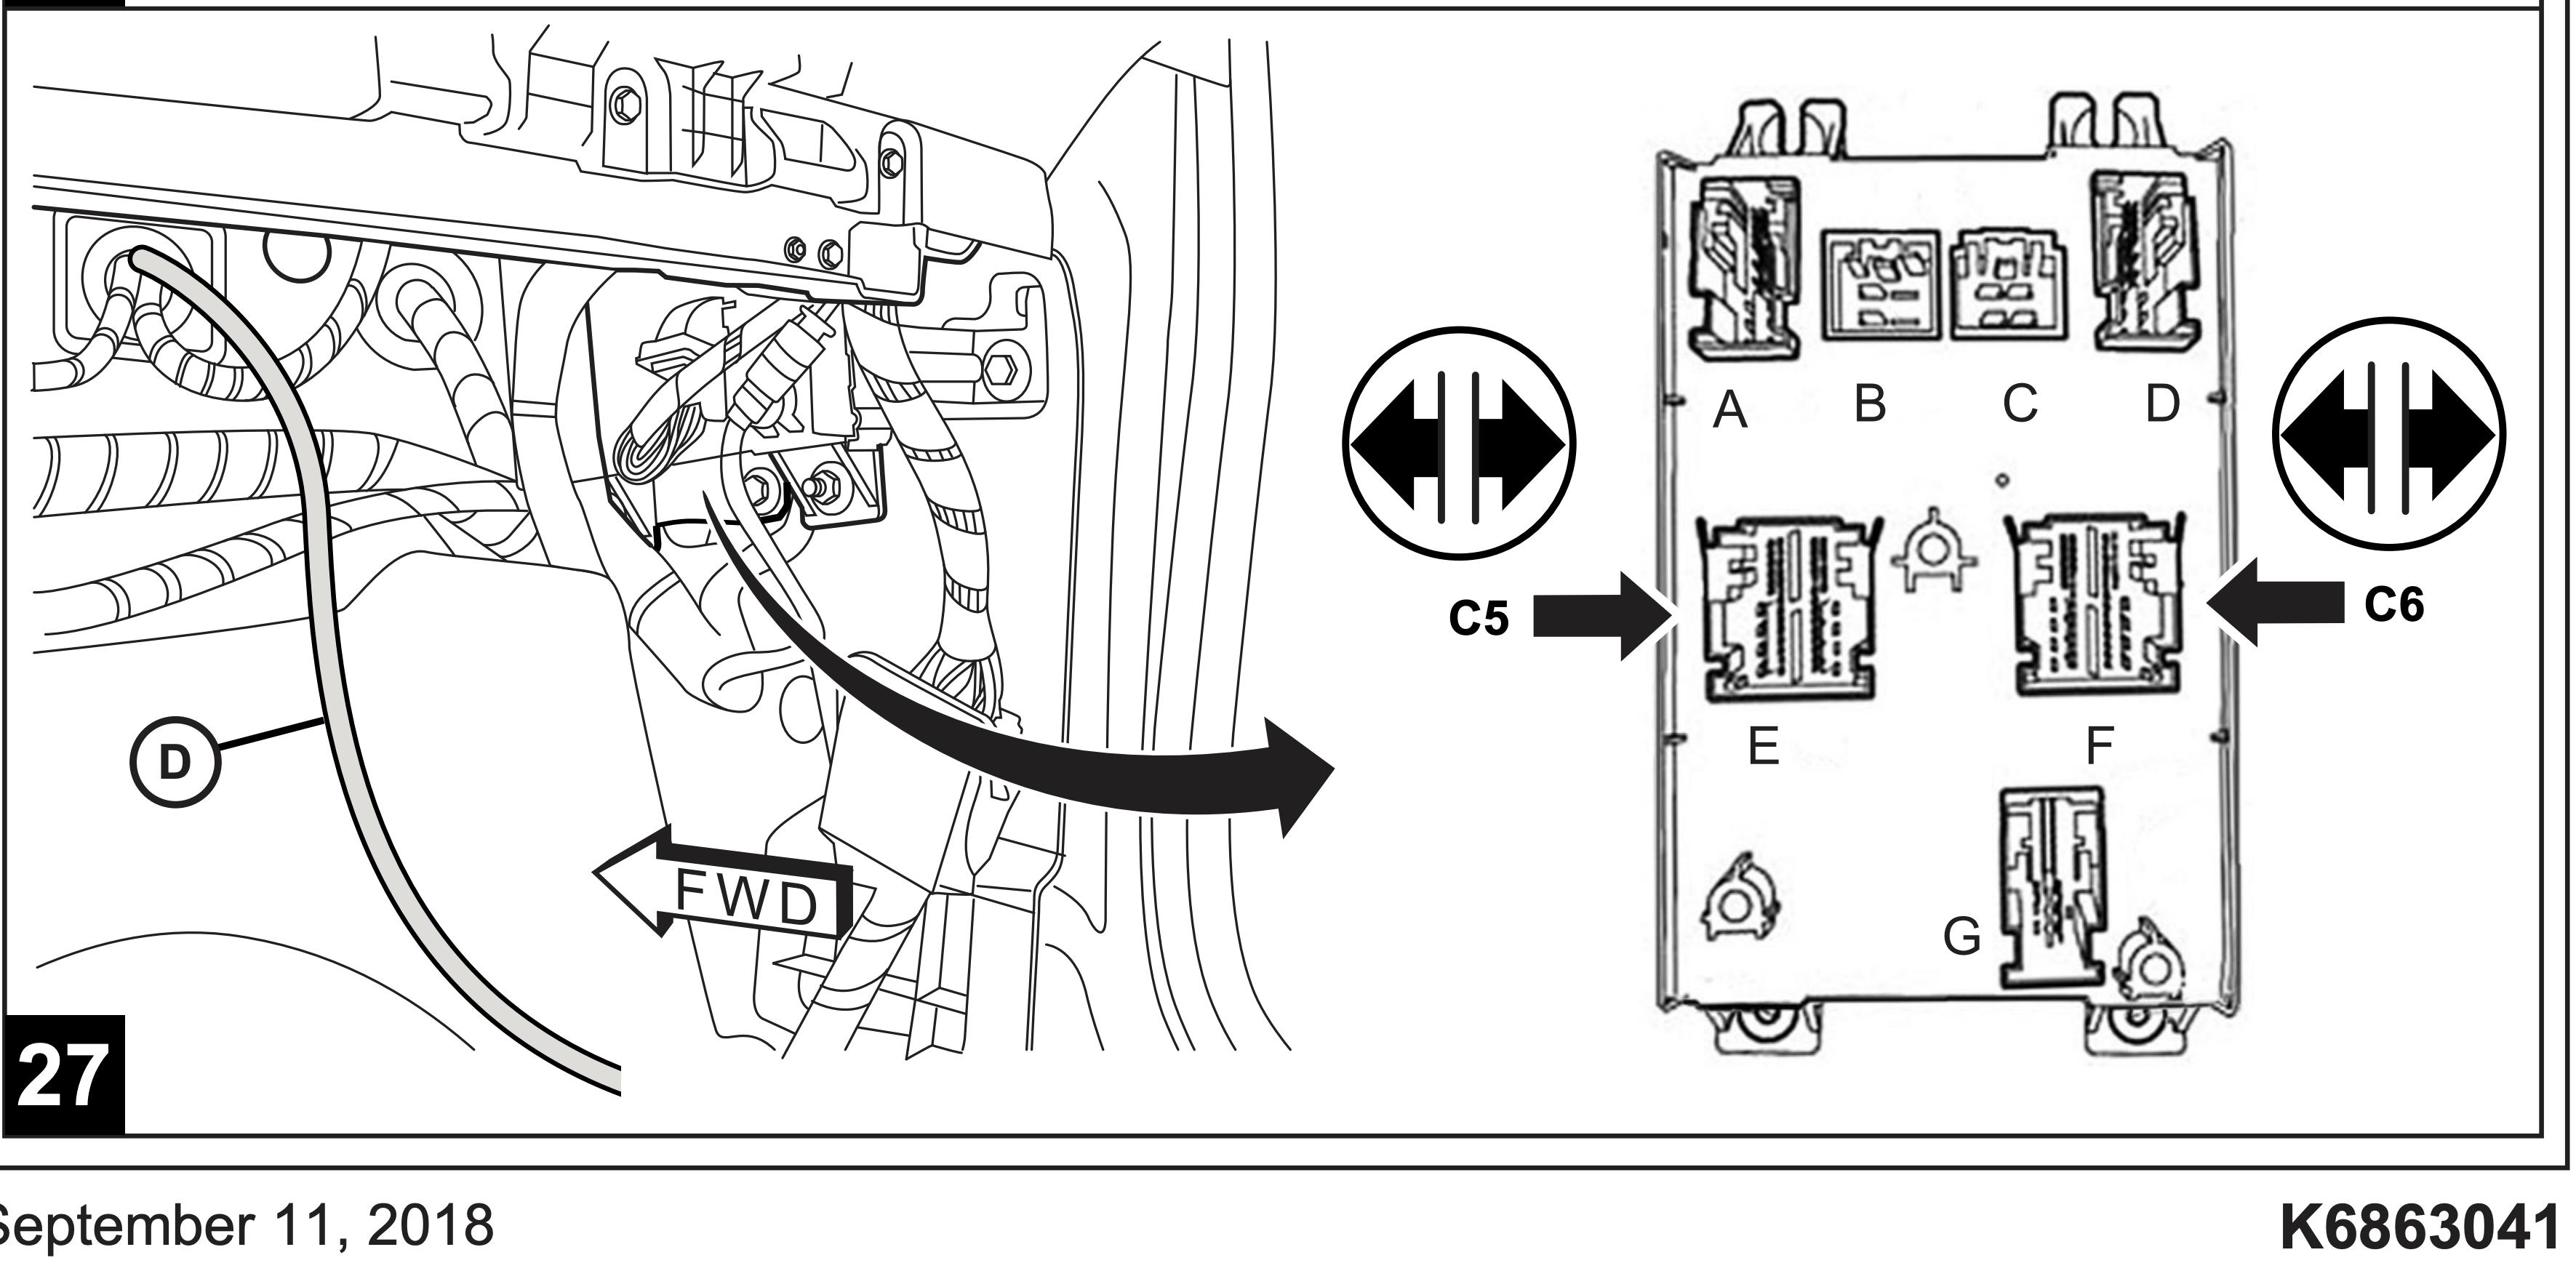 2017 Dodge Ram Brake Controller Wiring Diagram